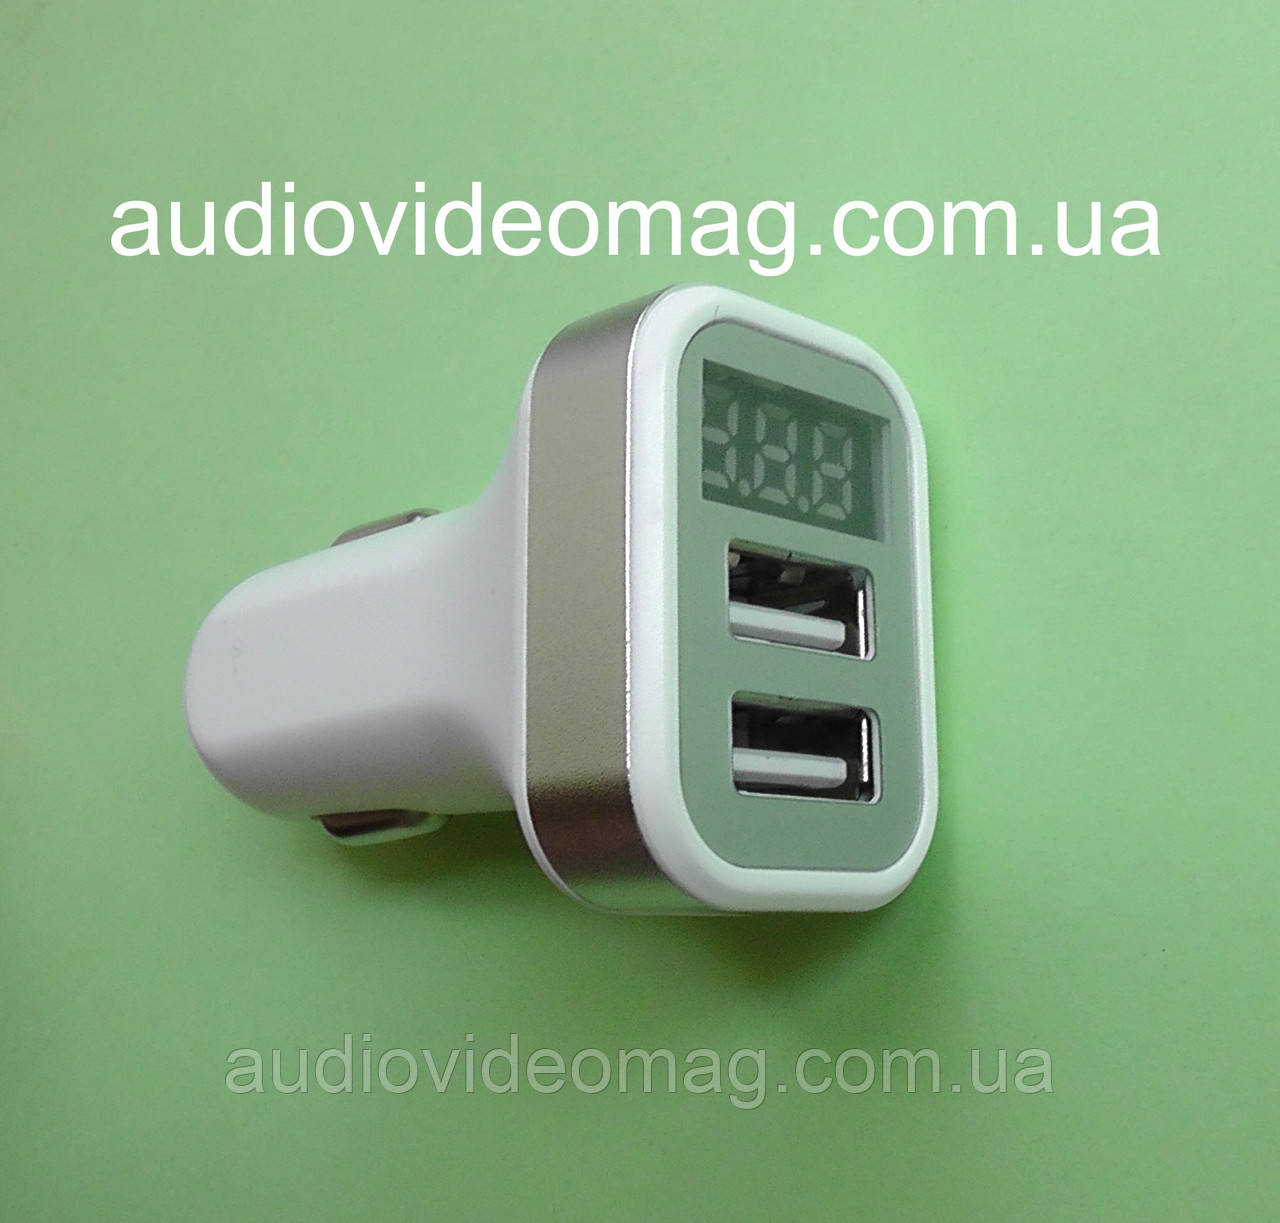 Автомобільний зарядний пристрій USB 5V 2,1 A два гнізда, з вольт-амперметром